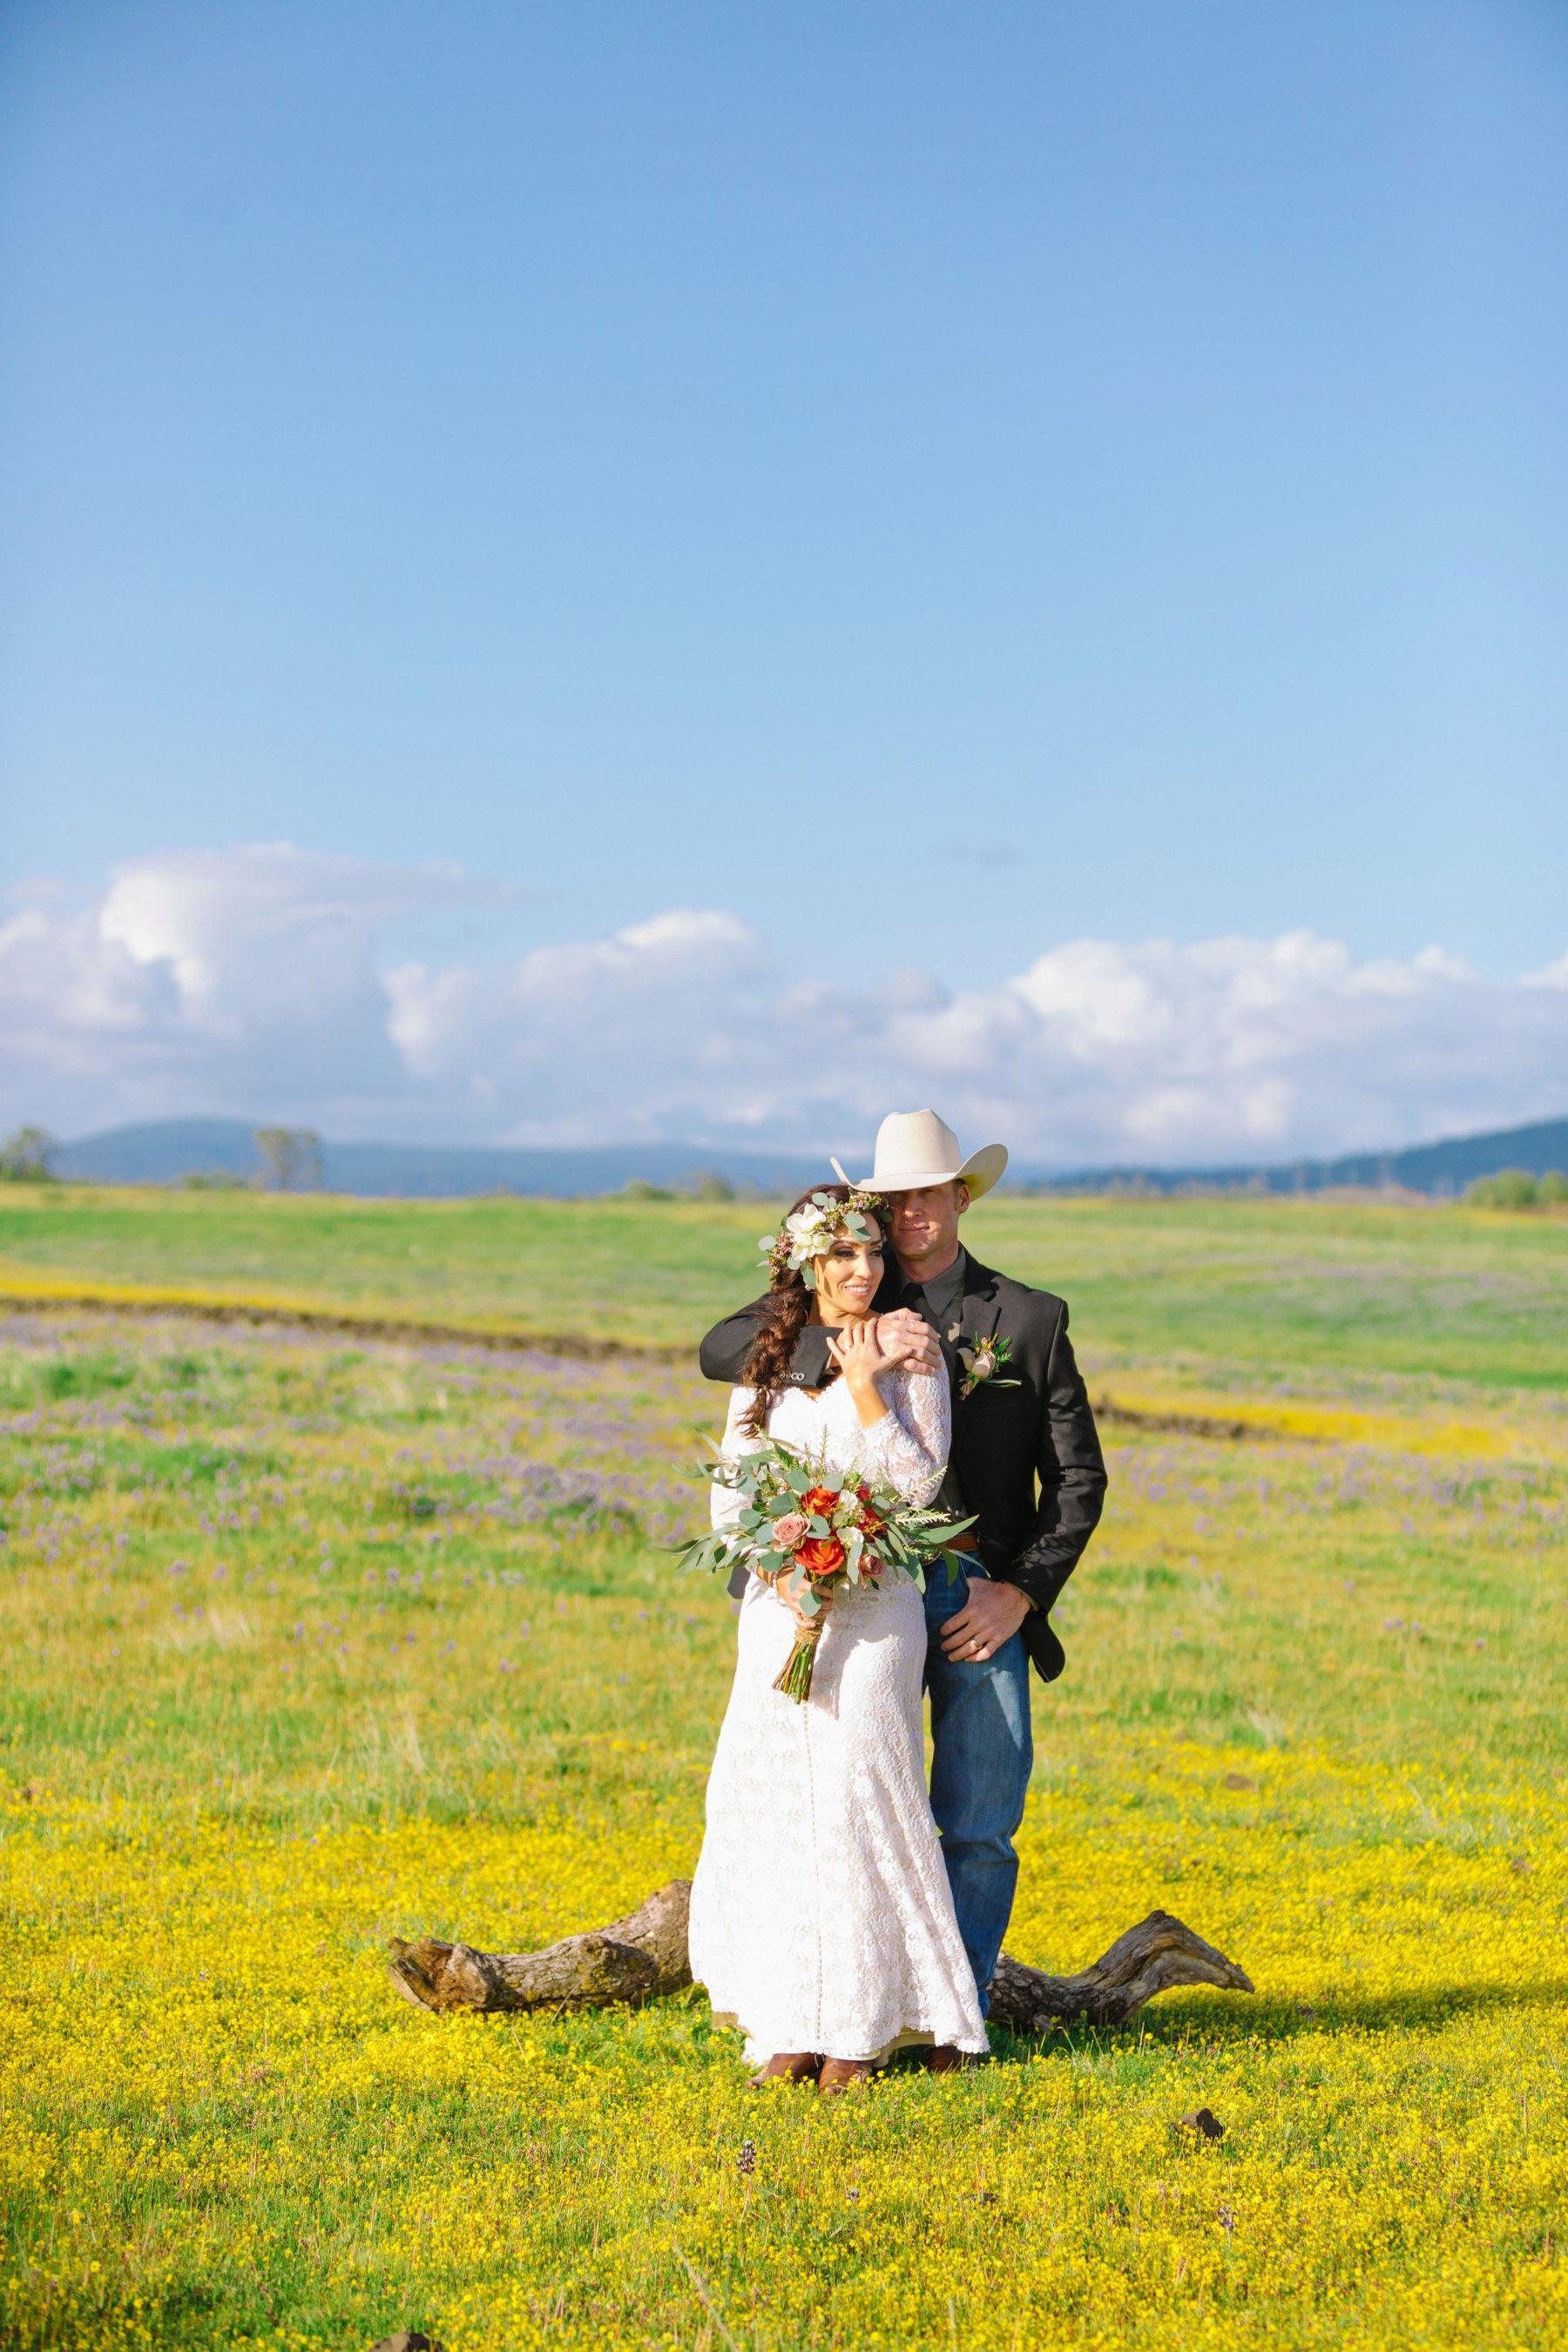 Cherokee / Oregon Gulch California // Cowboy wedding in northern california in open fields of flowers under an oak tree